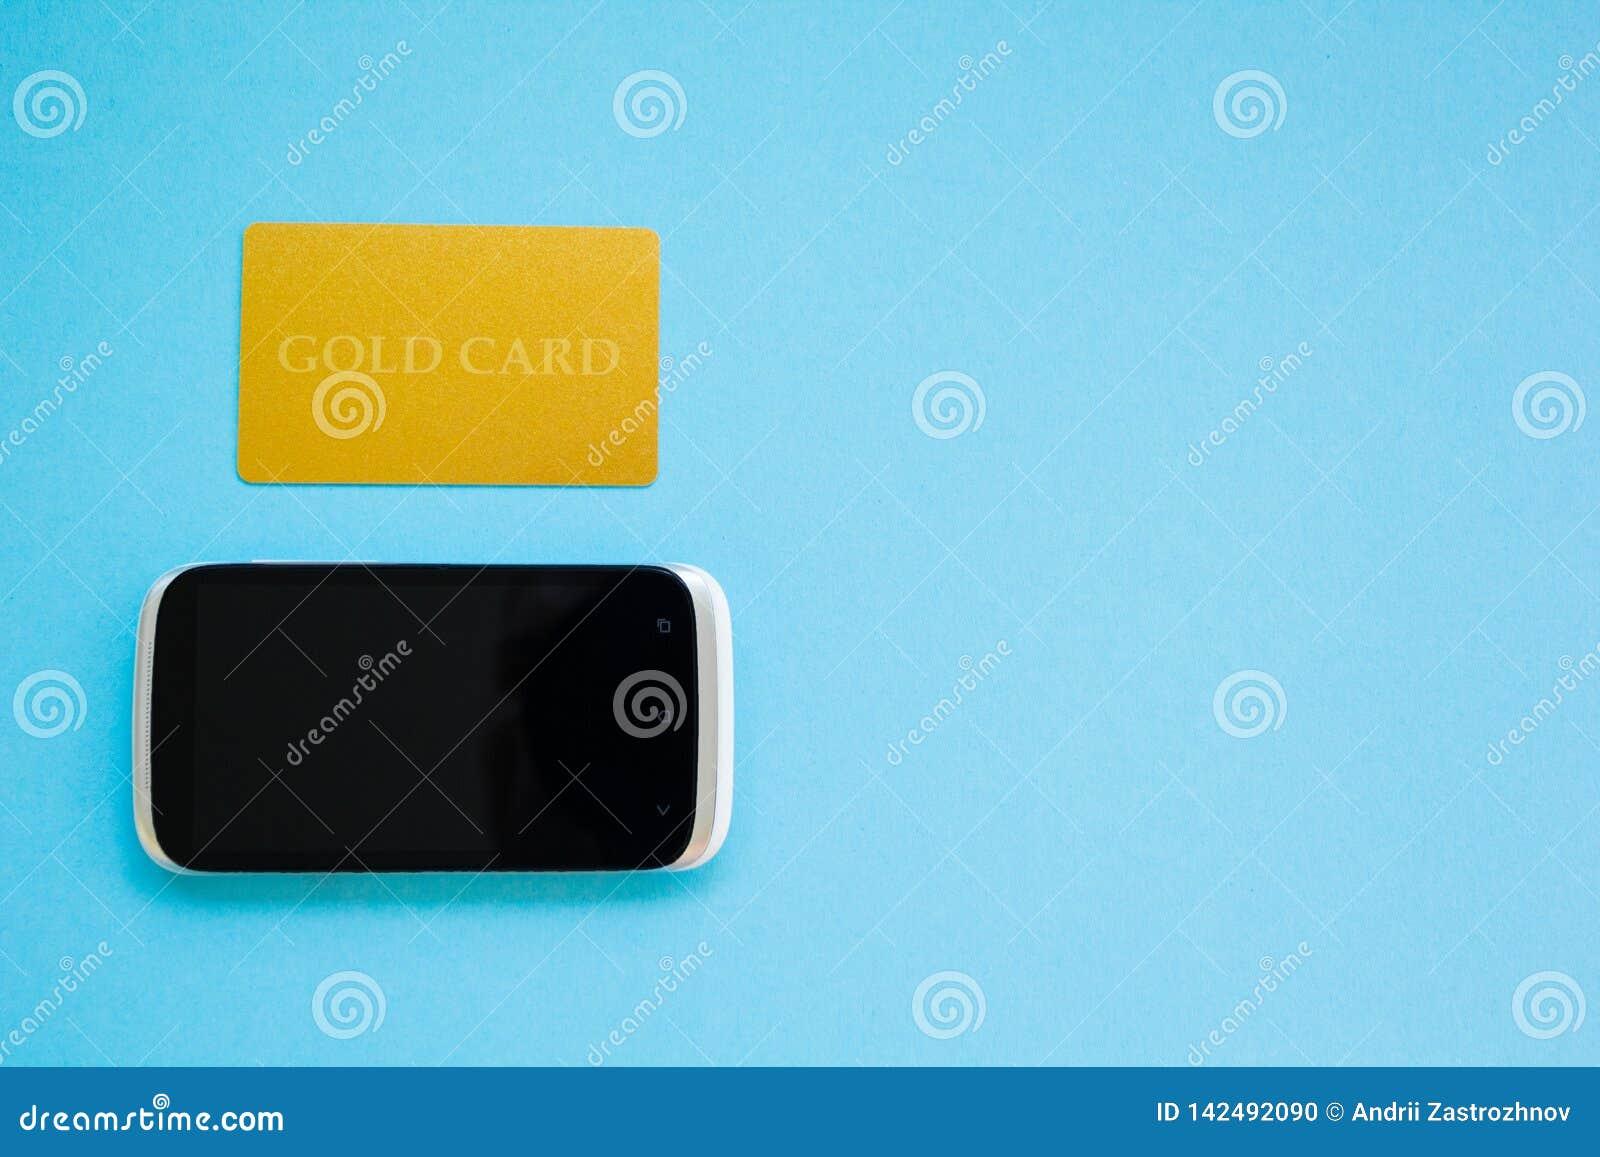 Kopend producten online, betaling die een gouden kaart, online het winkelen concept, blauw thema gebruiken